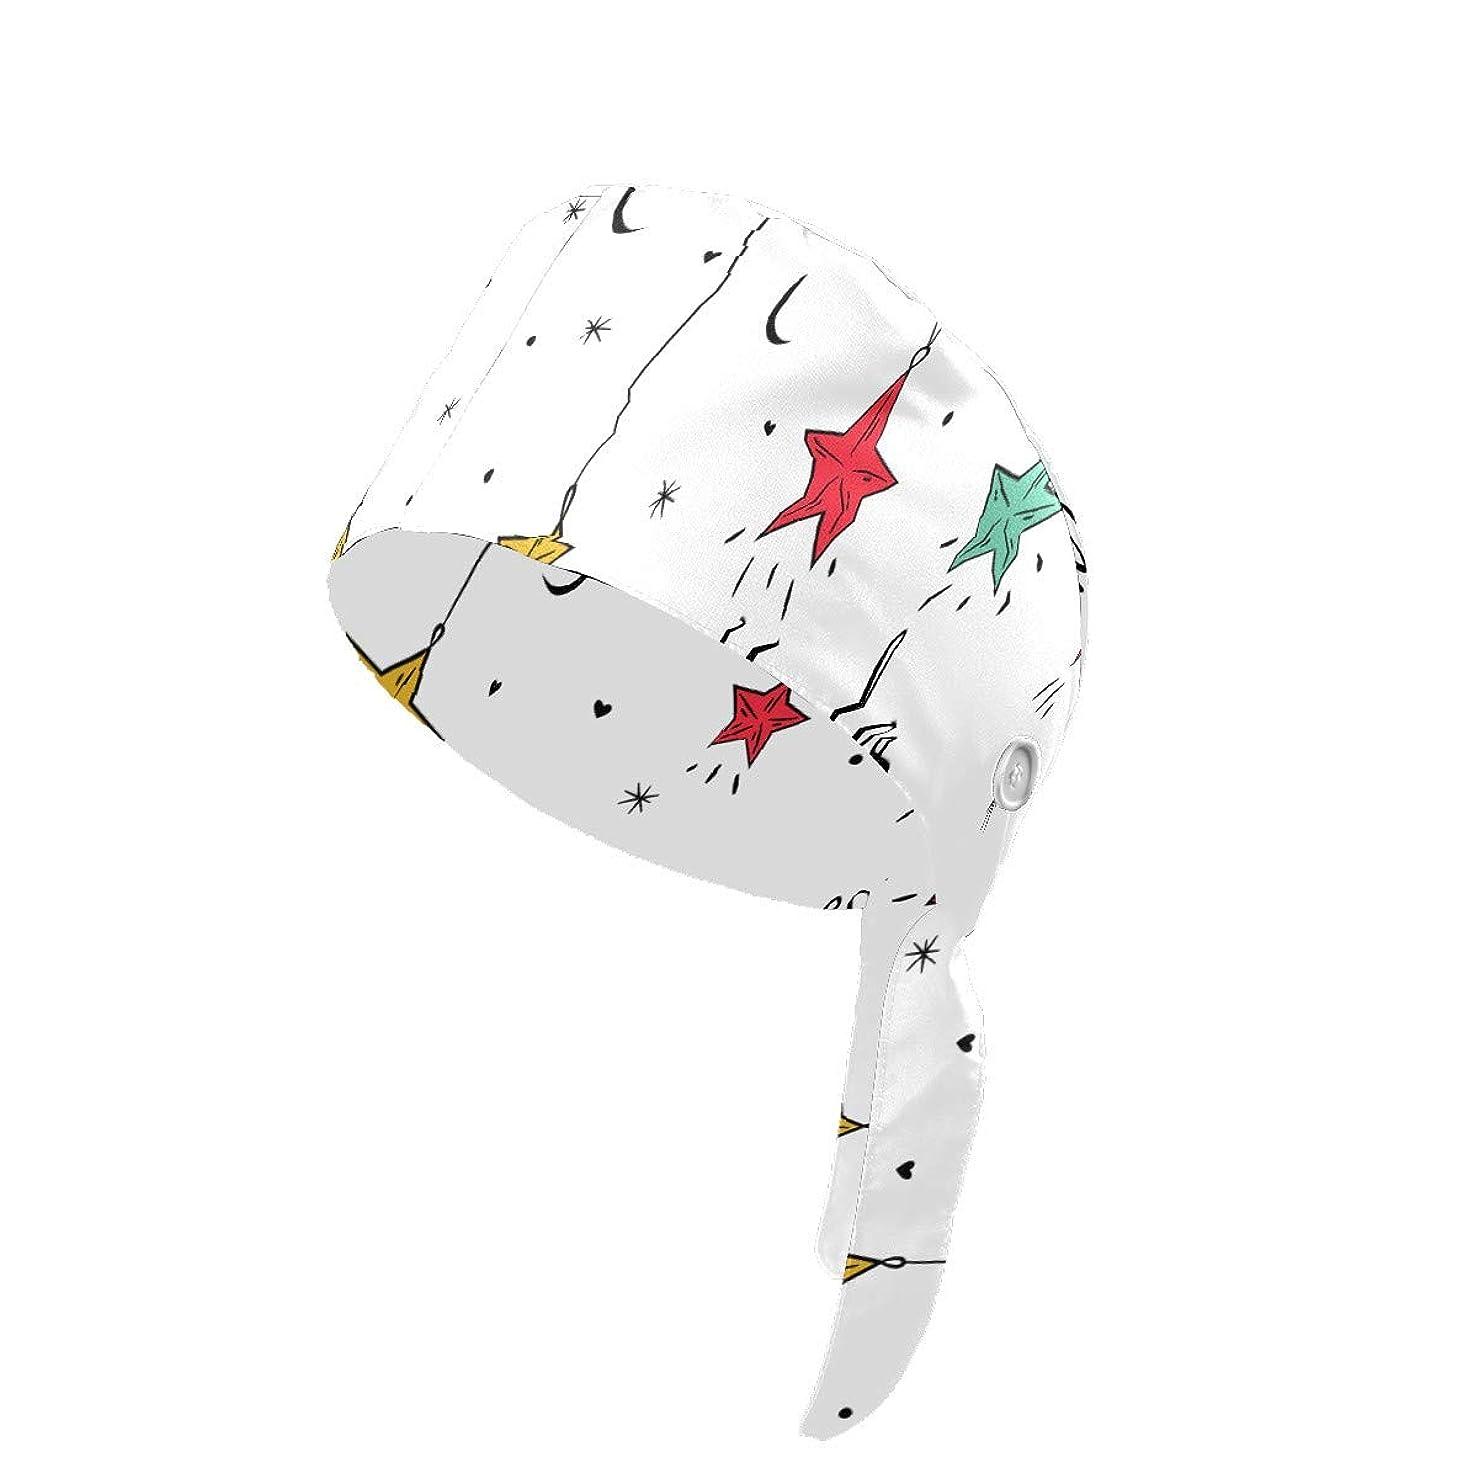 アンデス山脈オート靴星 可愛い バンダナキャップ キャップ メンズ レディース 帽子 日焼け 料理用 吸汗性 汗止め 汚れ防止 バンダナ帽子 男女兼用 仕事用 通気性 インナーキャップ トレーニング用